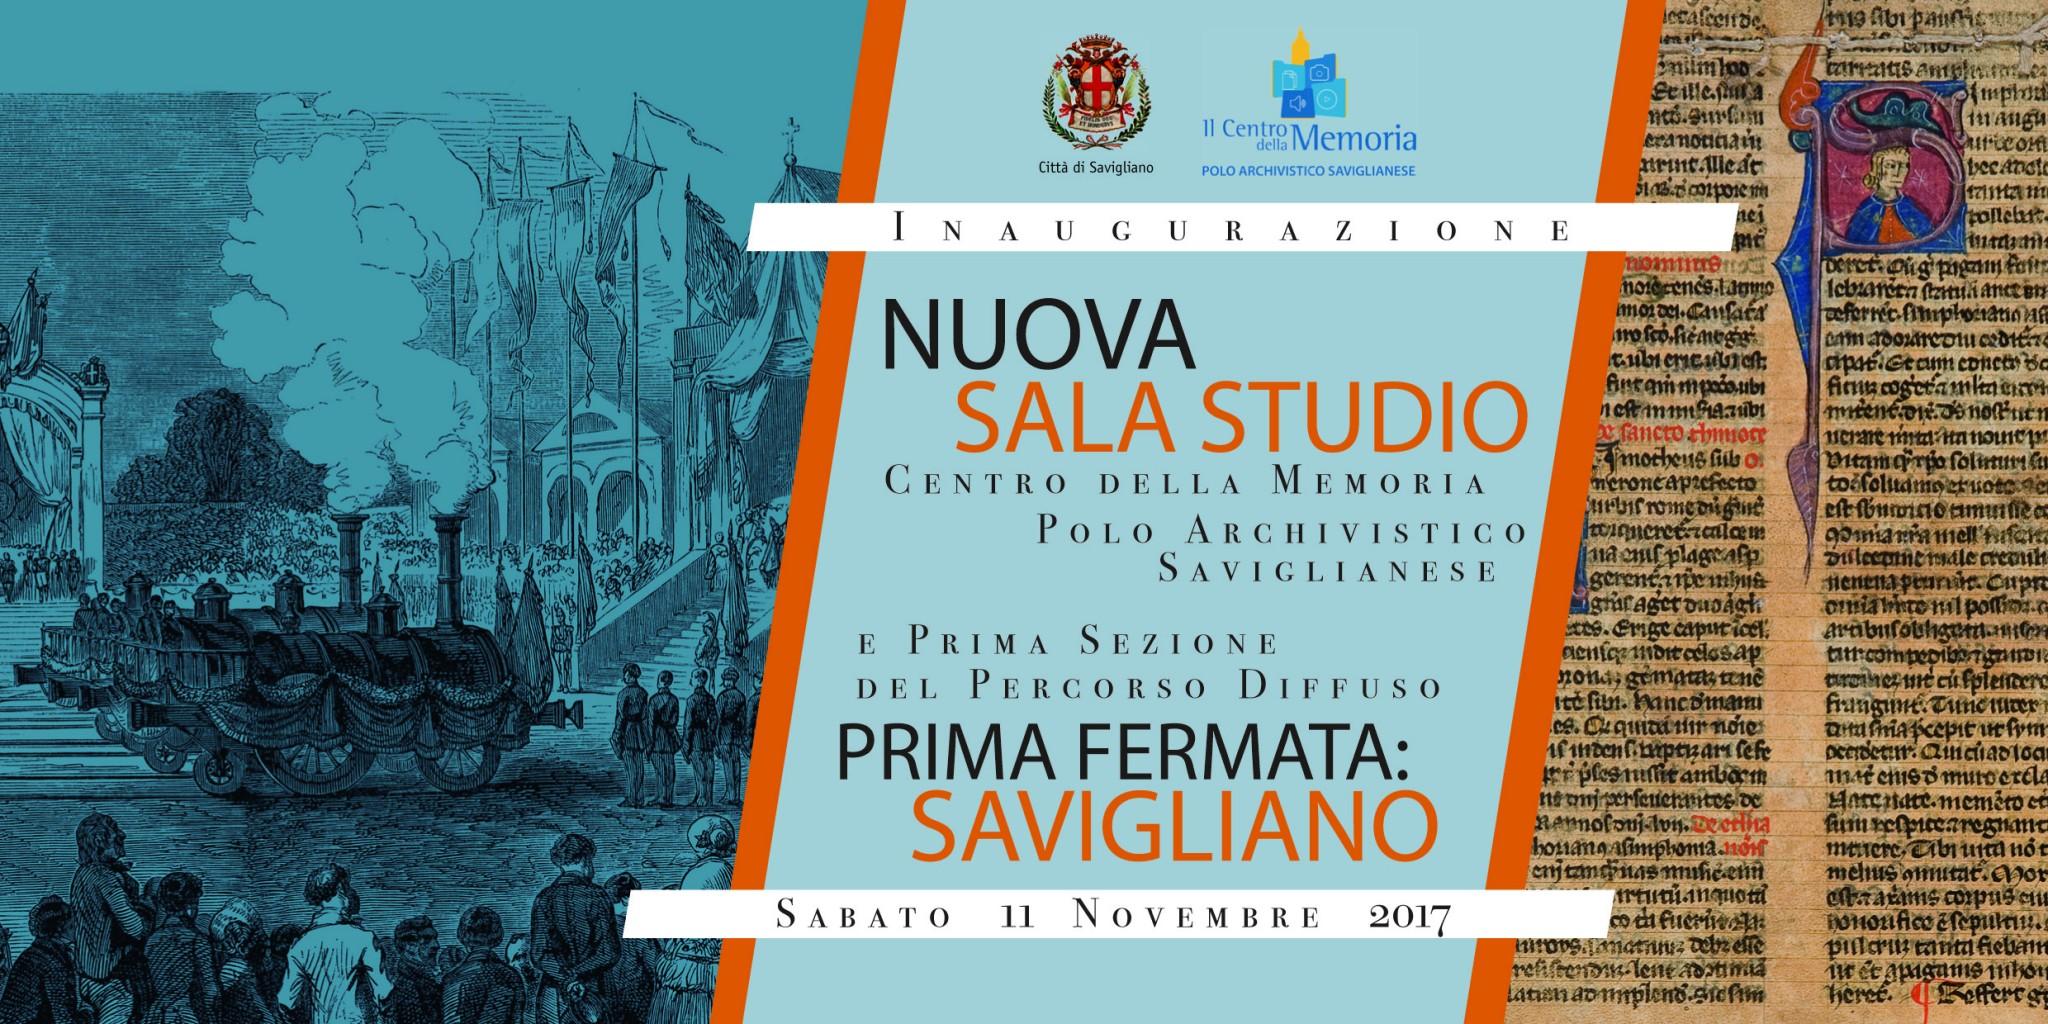 SABATO 11 NOVEMBRE - NUOVA SALA STUDIO E PERCORSO DIFFUSO-1